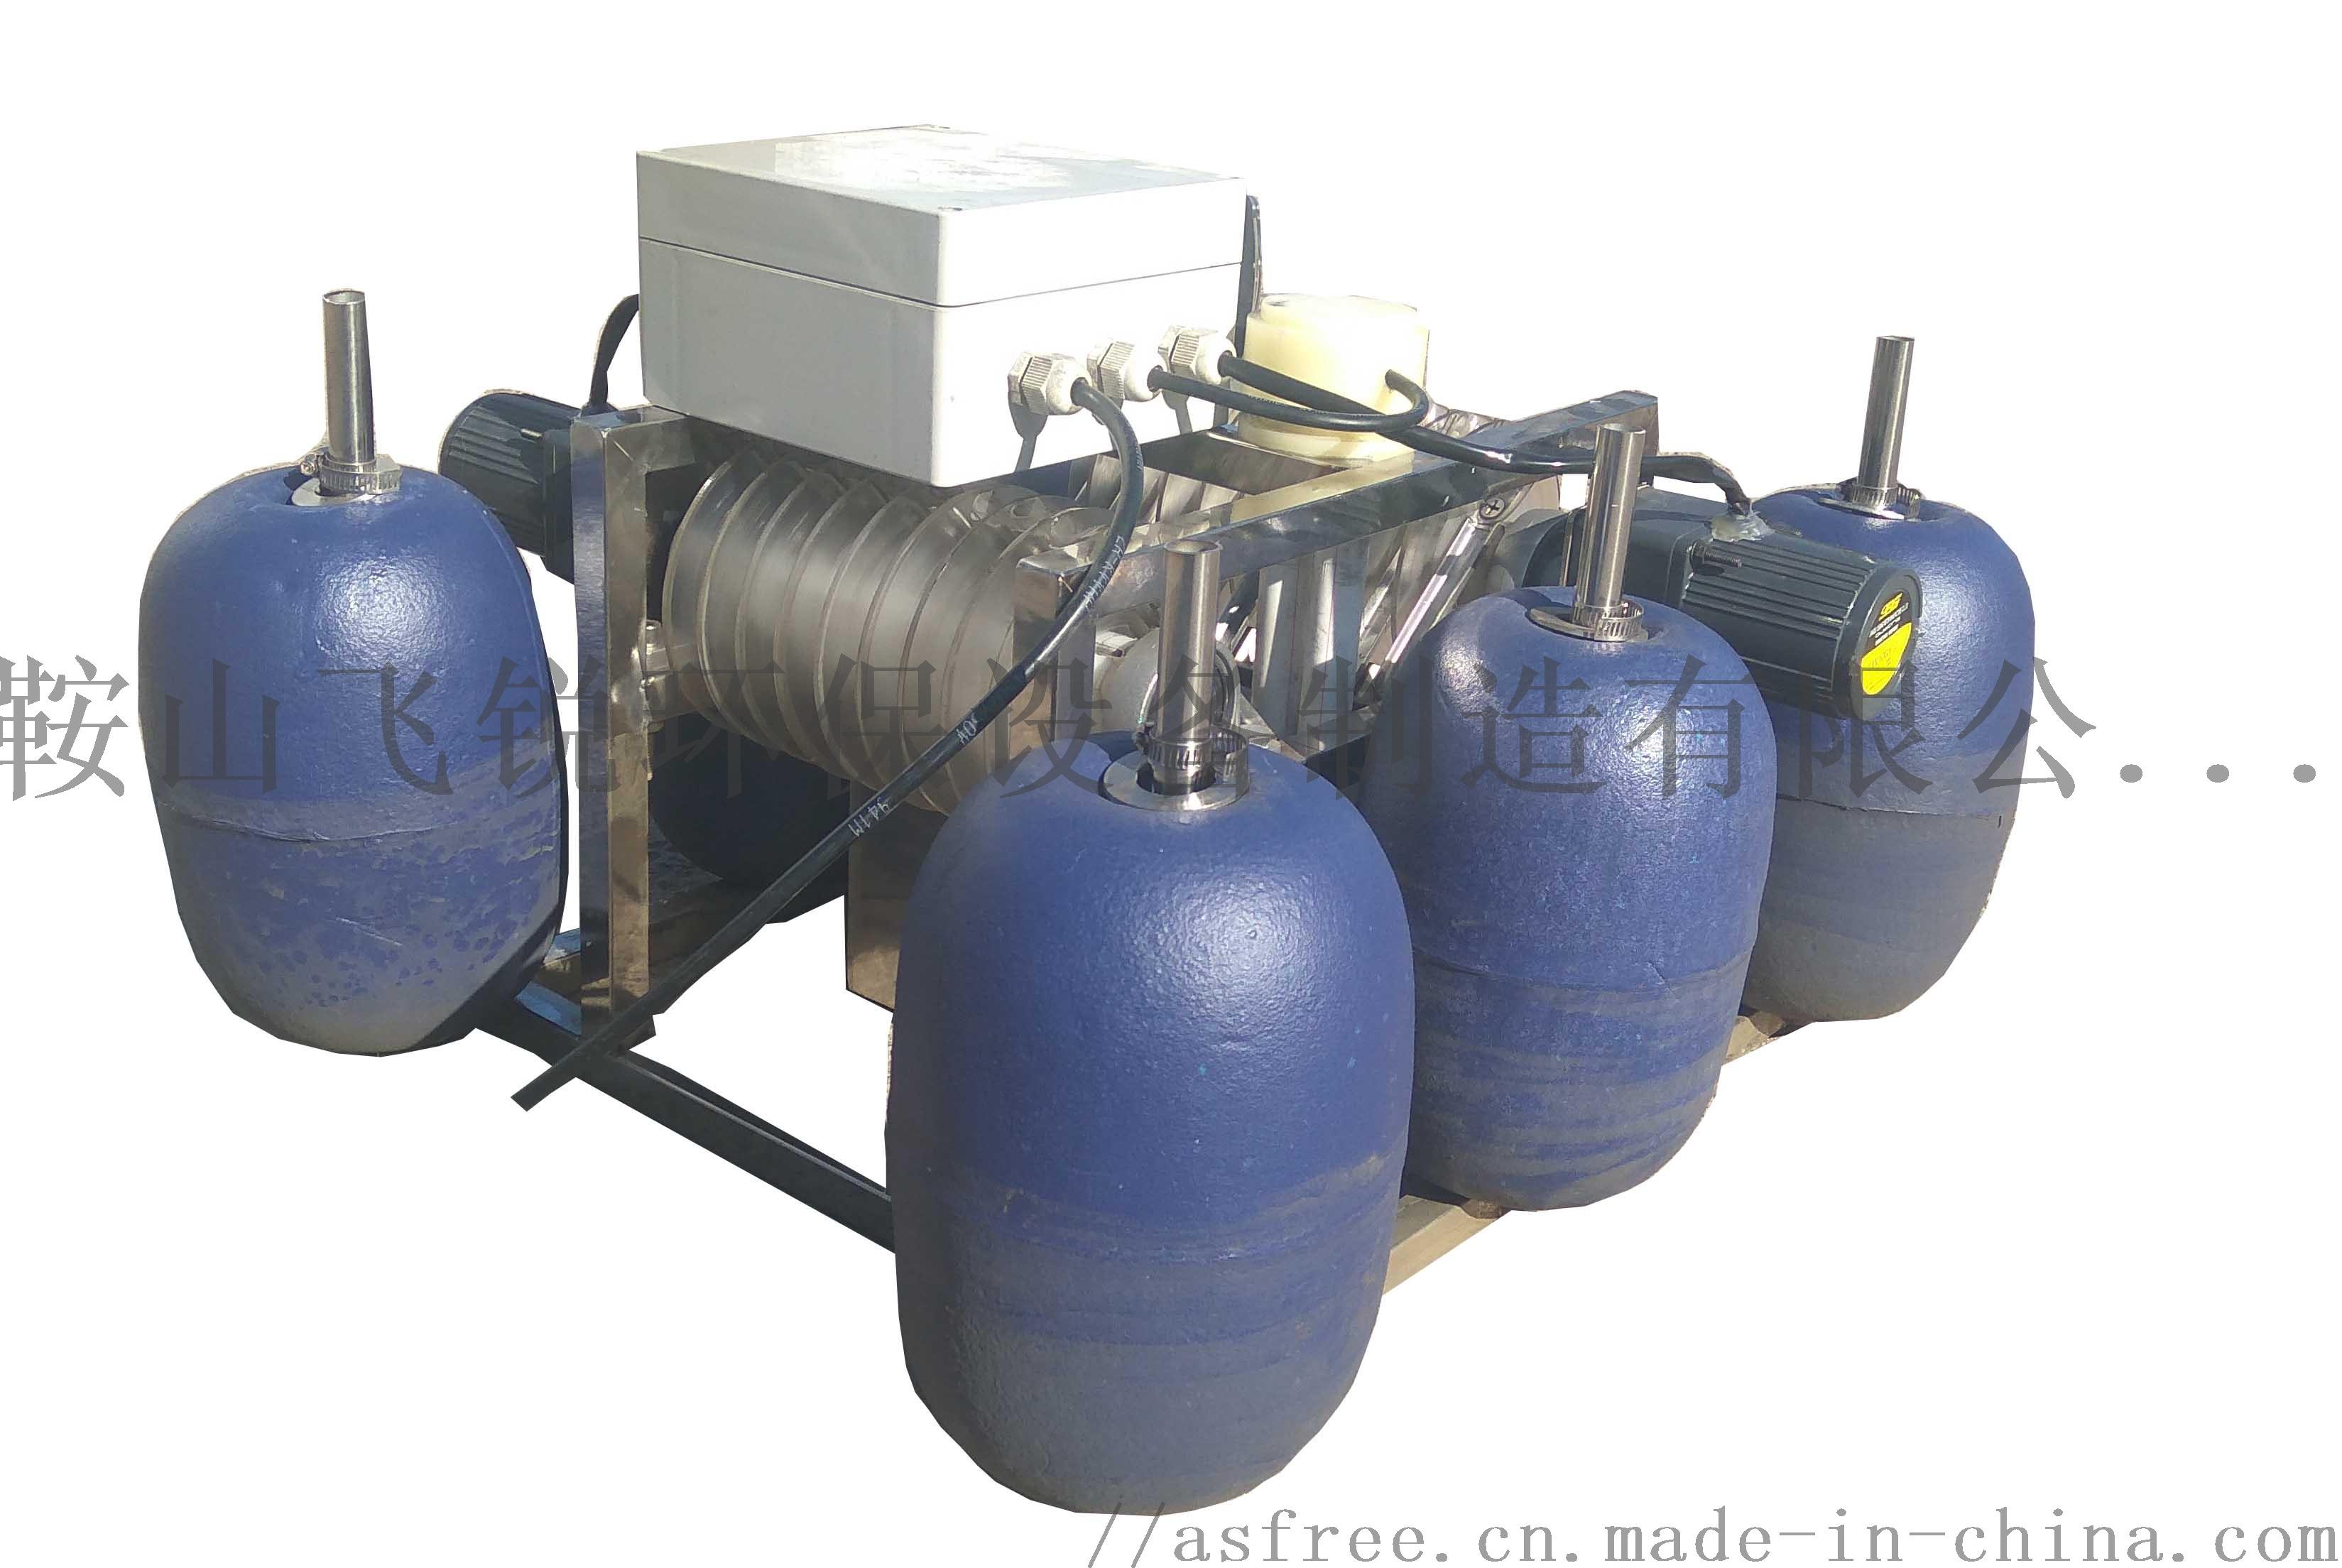 機加工專用不鏽鋼單轉盤浮動吸油機807833632